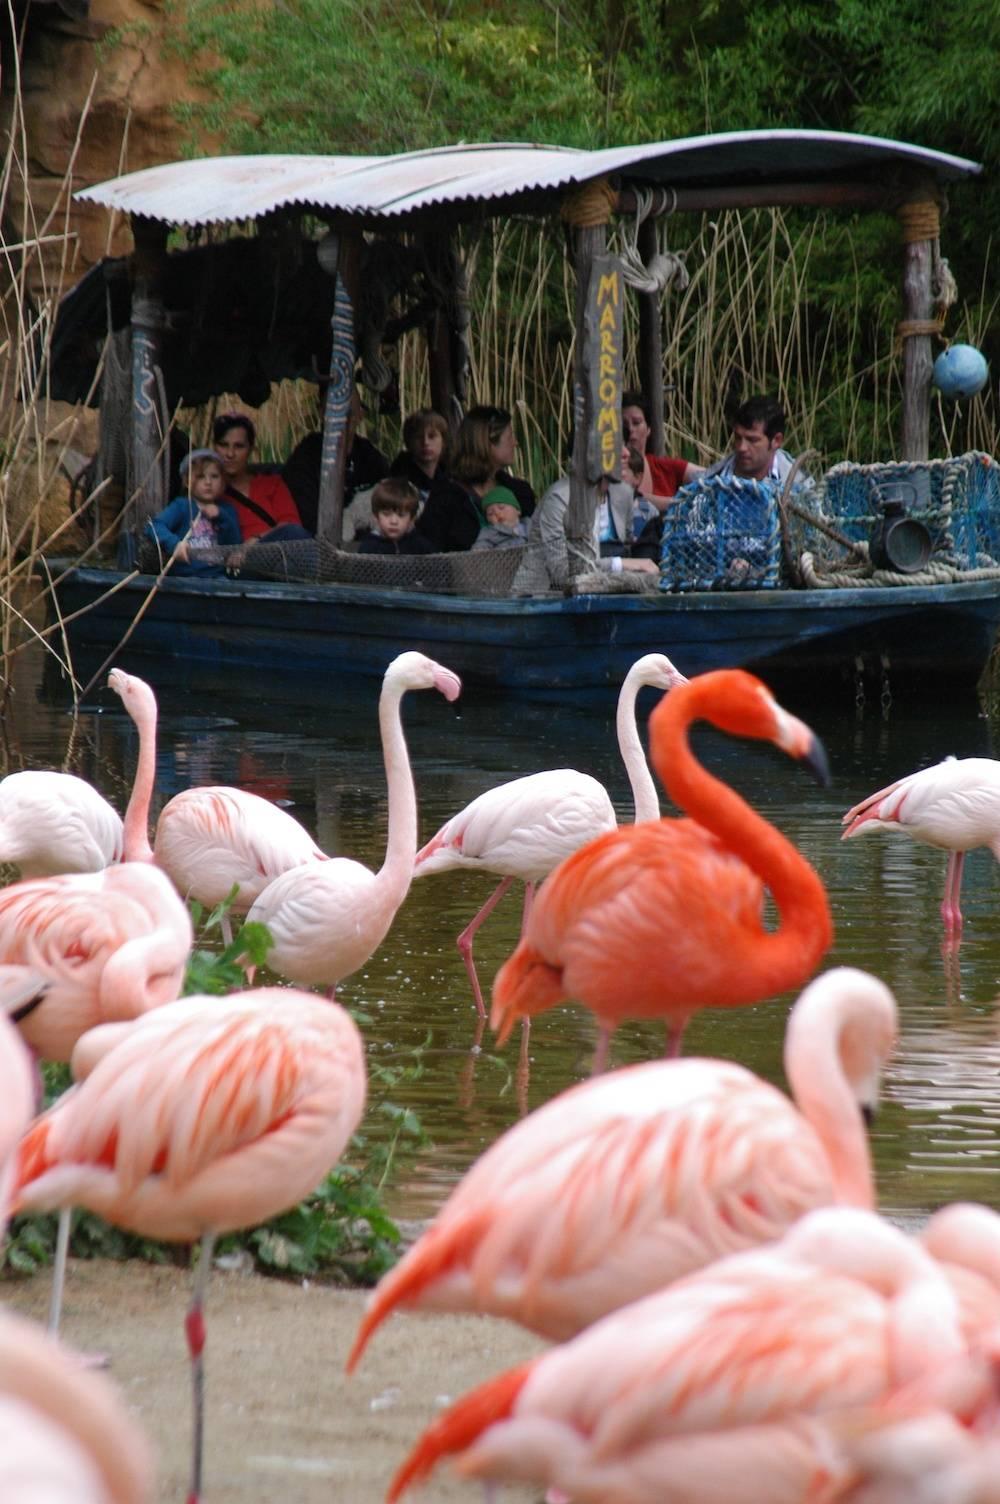 Live mit dabei: Hannovers Erlebnis-Zoo kann man auch im Boot erkunden. Foto